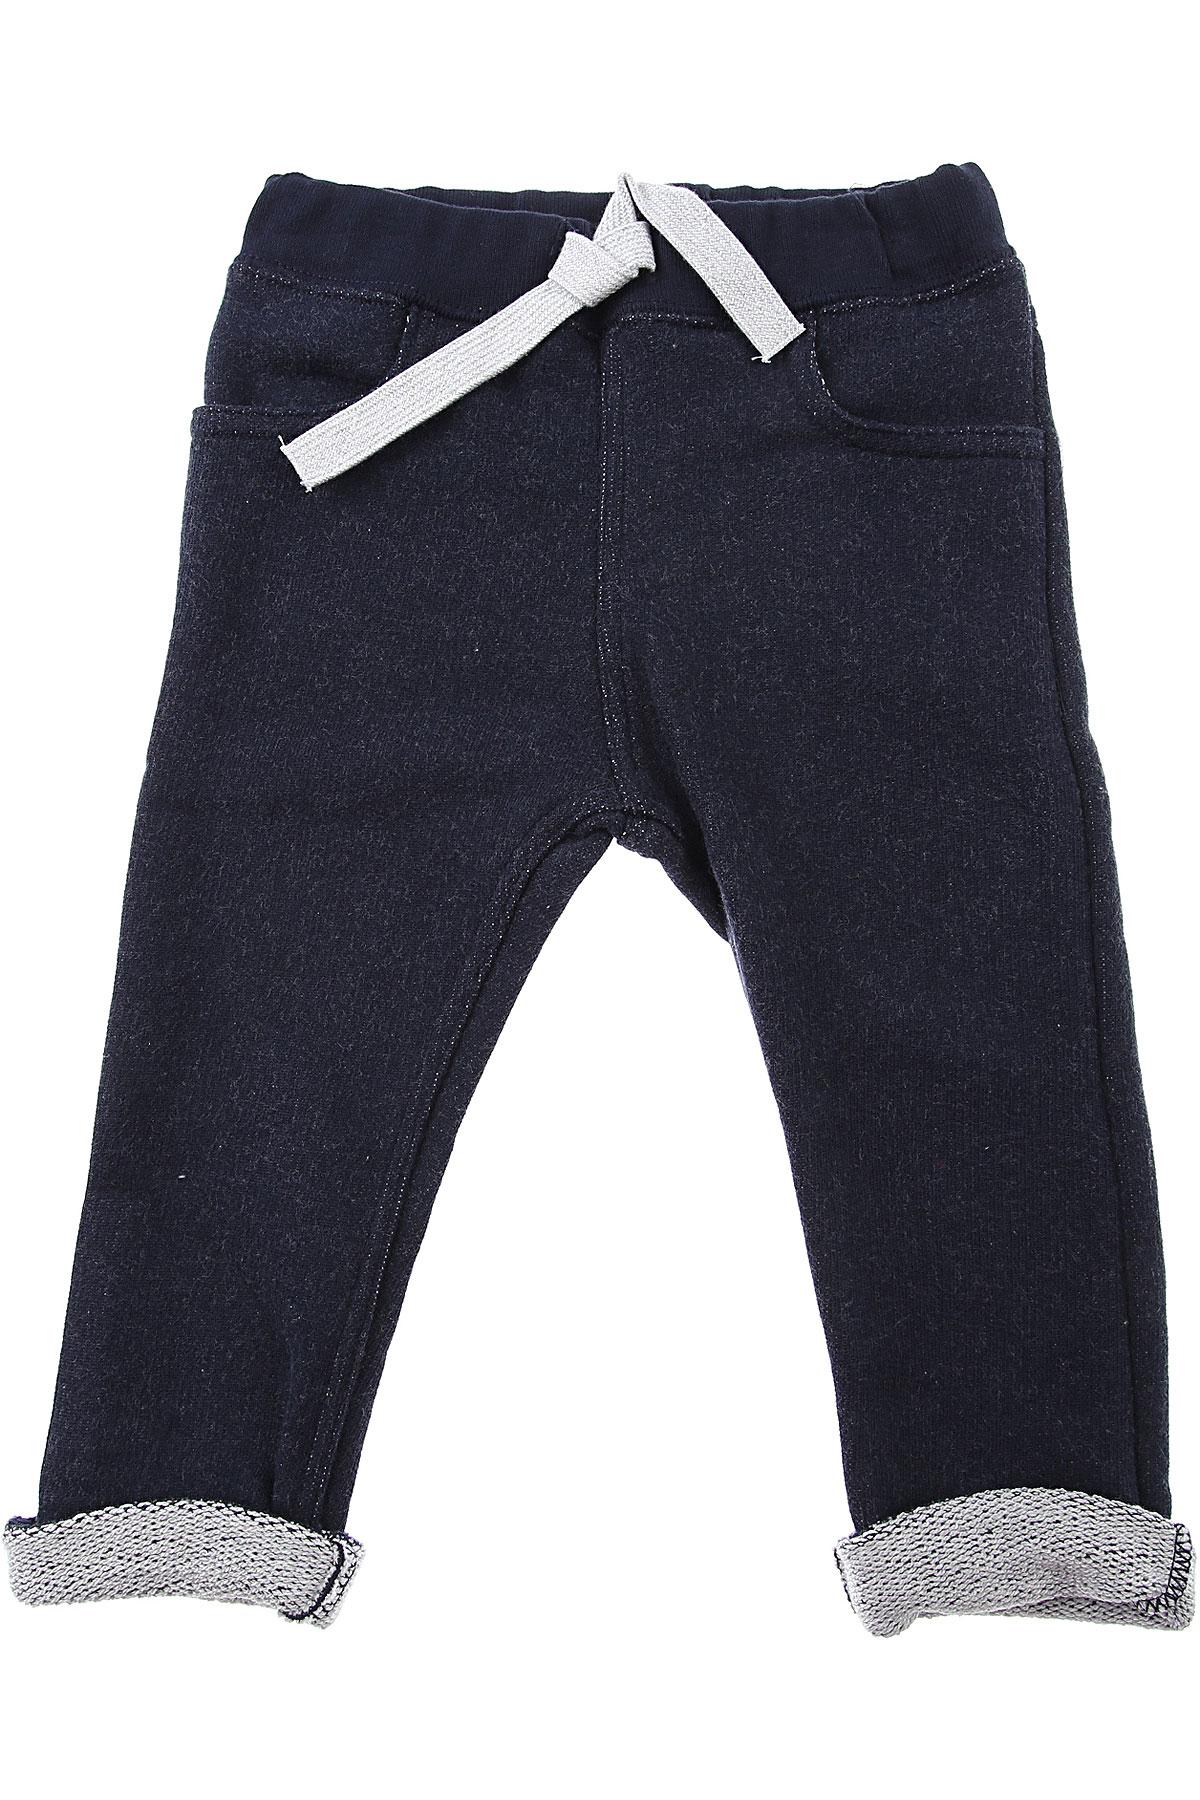 Petit Bateau Baby Pants for Boys On Sale, Blue Denim, Cotton, 2019, 18 M 6M